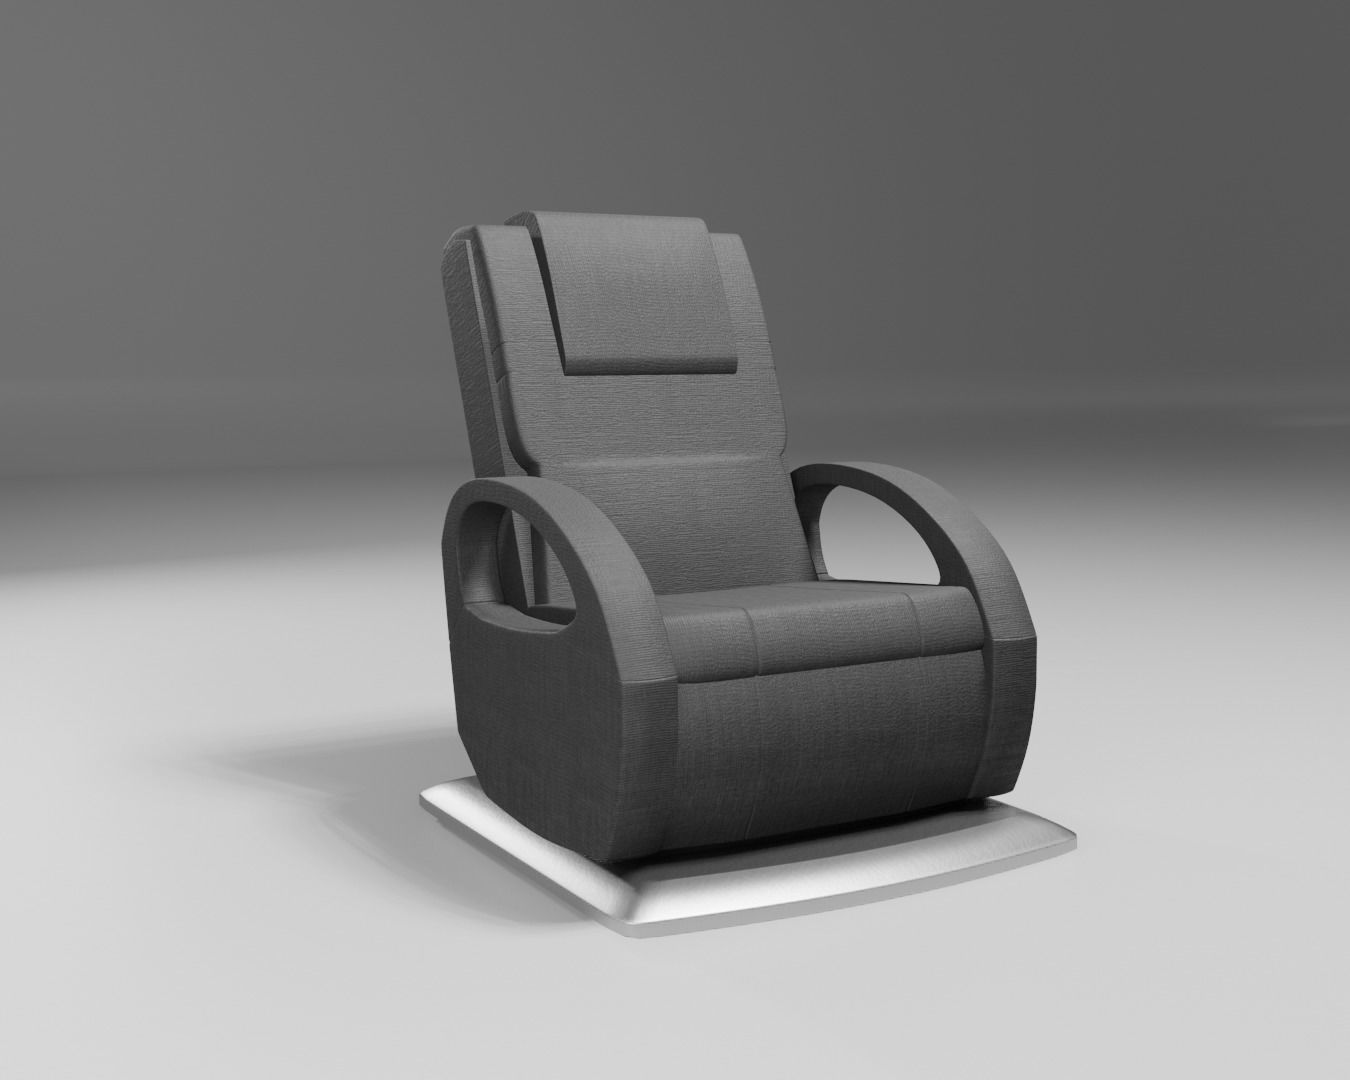 massage wellness chair modern black fabric